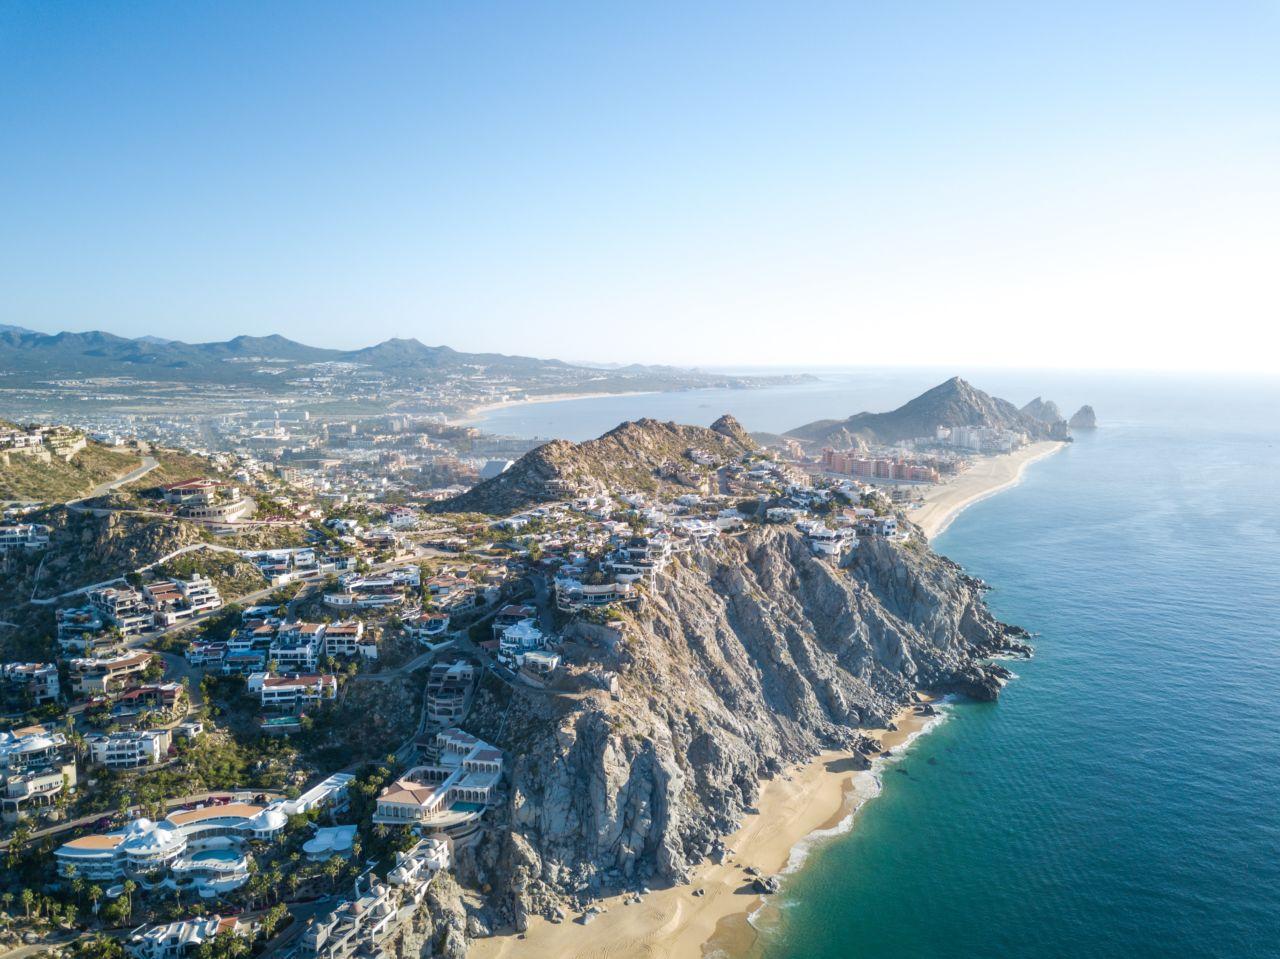 7 pueblitos playeros con mucho encanto en Baja California